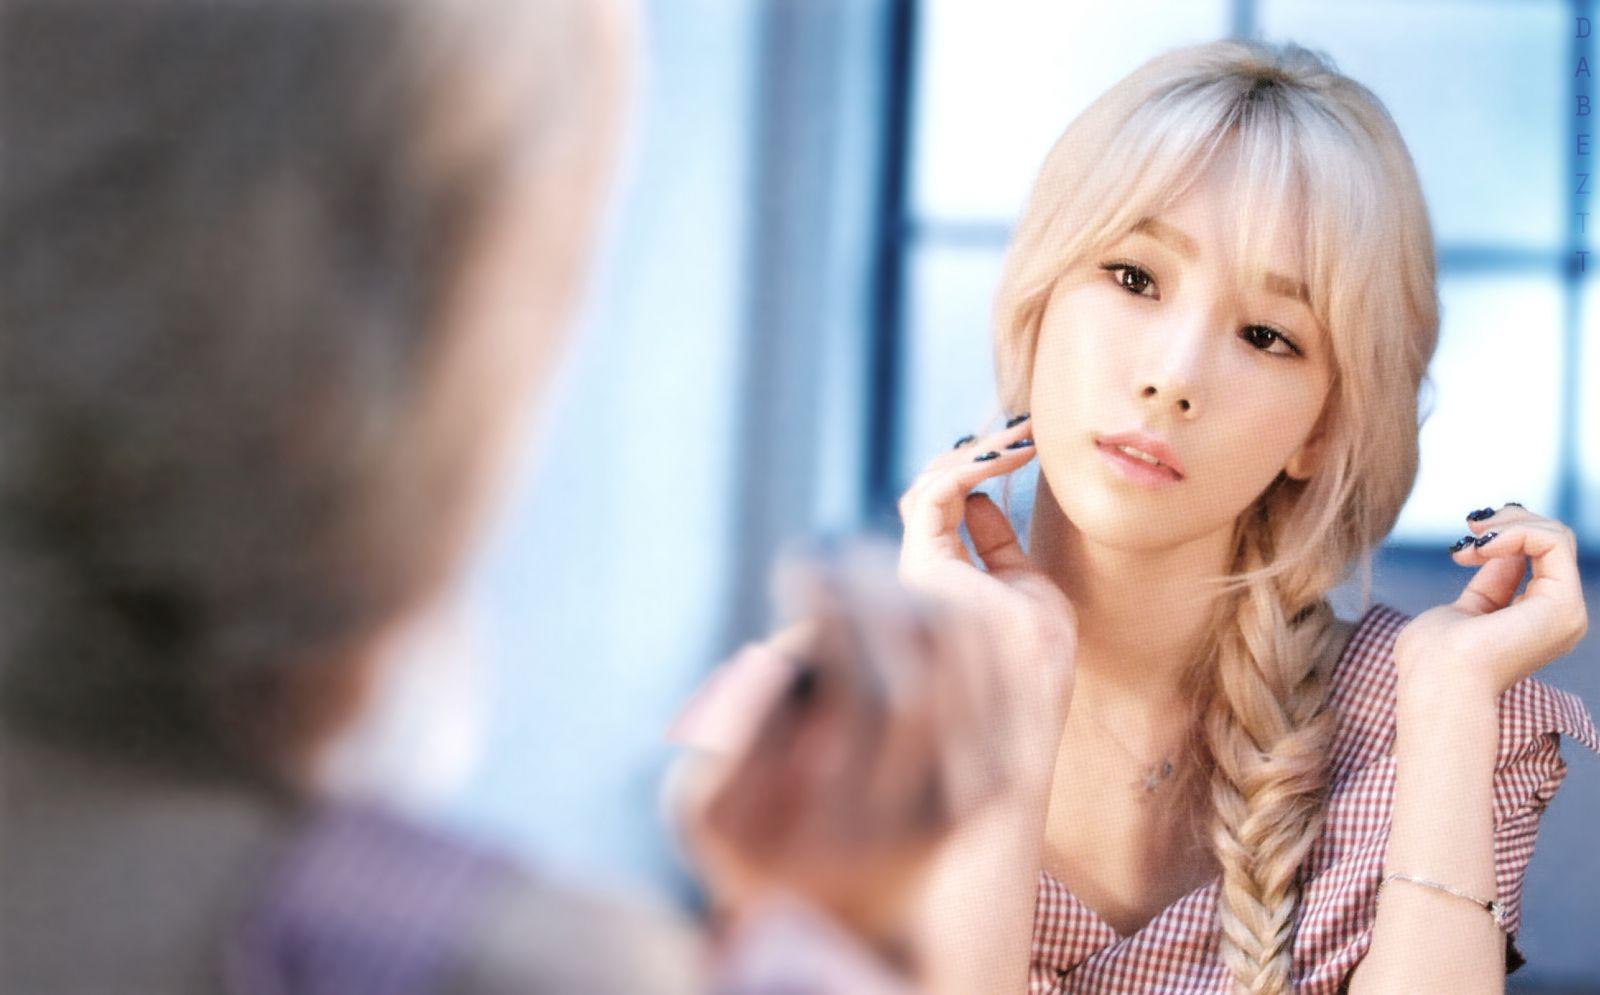 ไอดอลเกาหลี บันเทิงเกาหลี ดาราเกาหลี สวยเป็นธรรมชาติ ไอดอลสาว ขอเดท